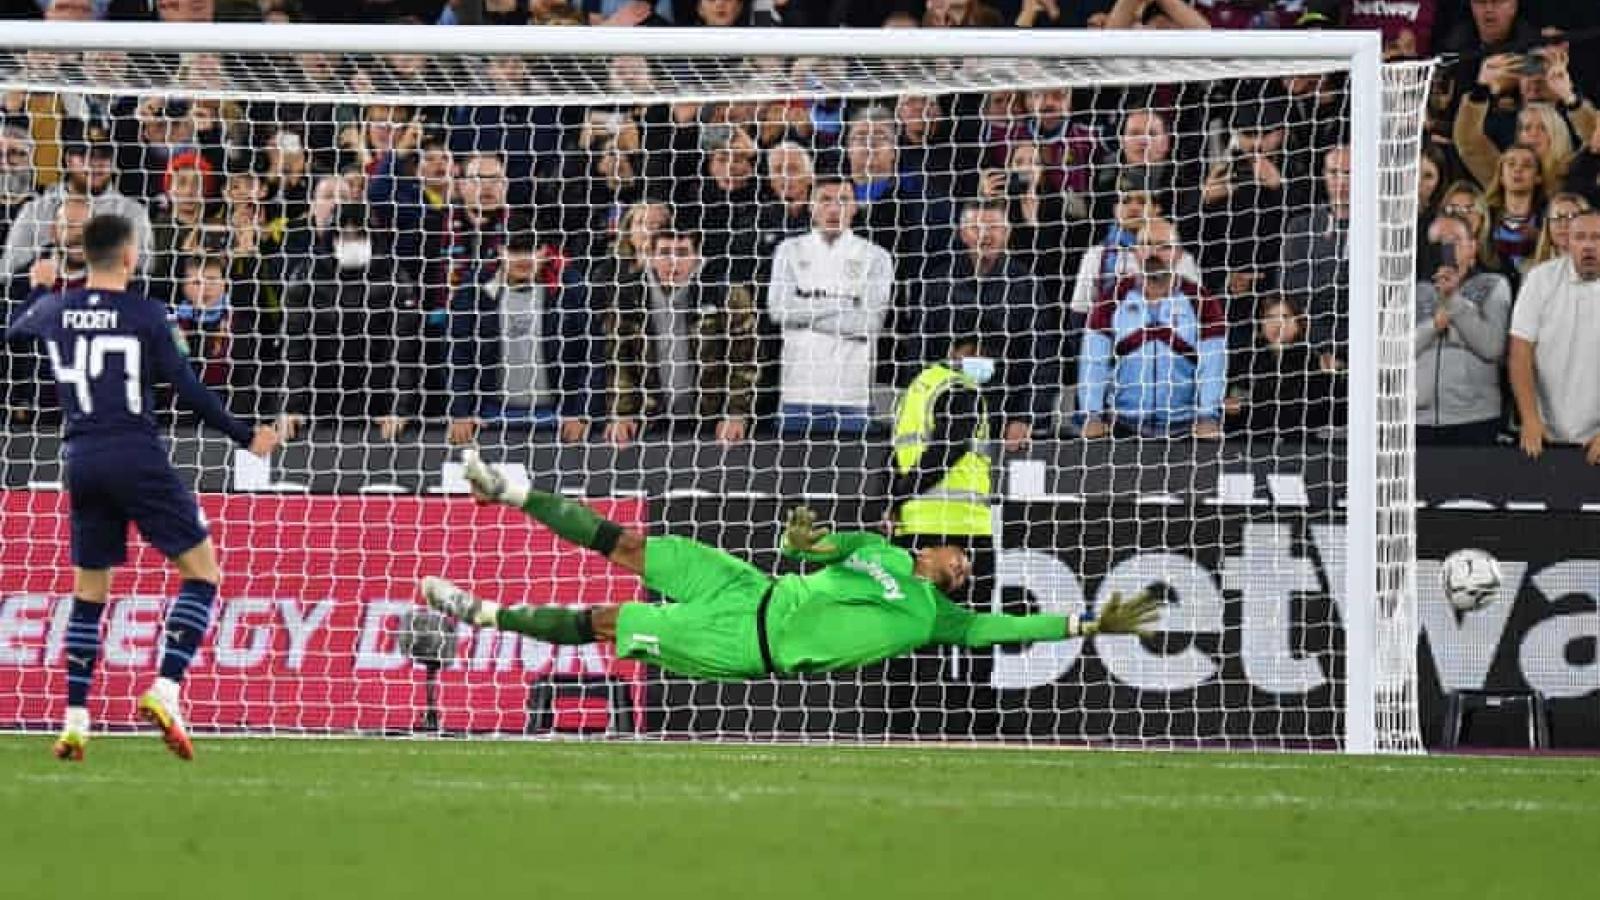 Man City thành cựu vô địch, Liverpool vào tứ kết Cúp Liên đoàn Anh